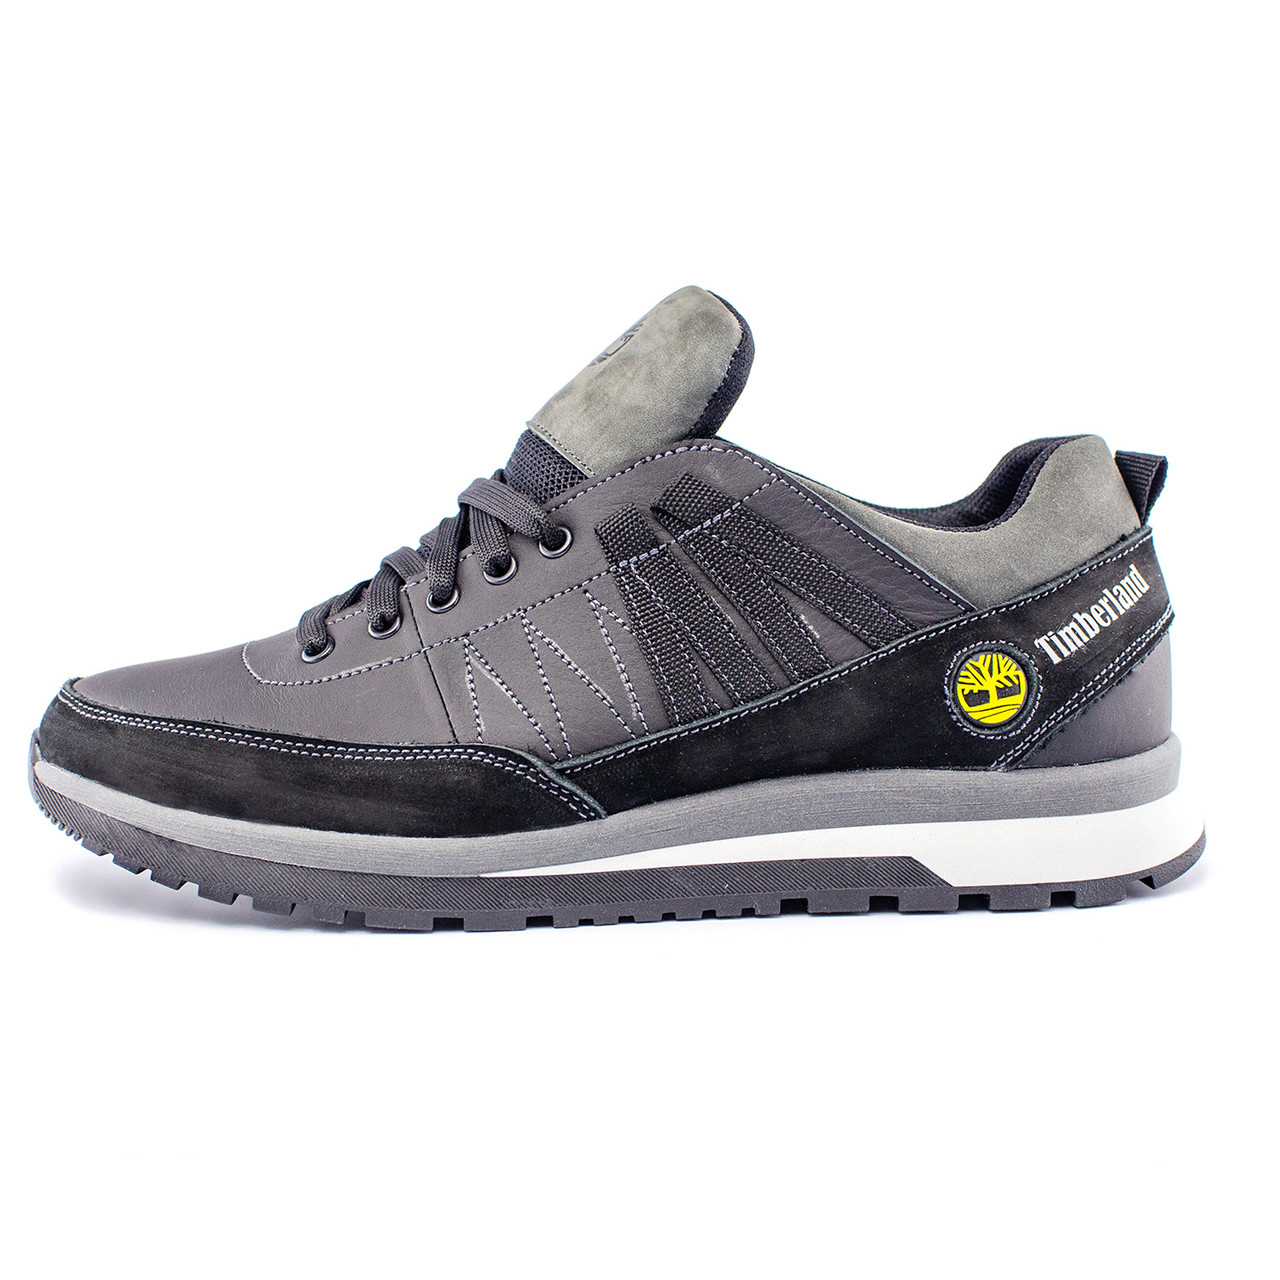 9364653d9819 Купить мужскую обувь в Хмельницком ᐉ Продажа мужской обуви, новой и ...